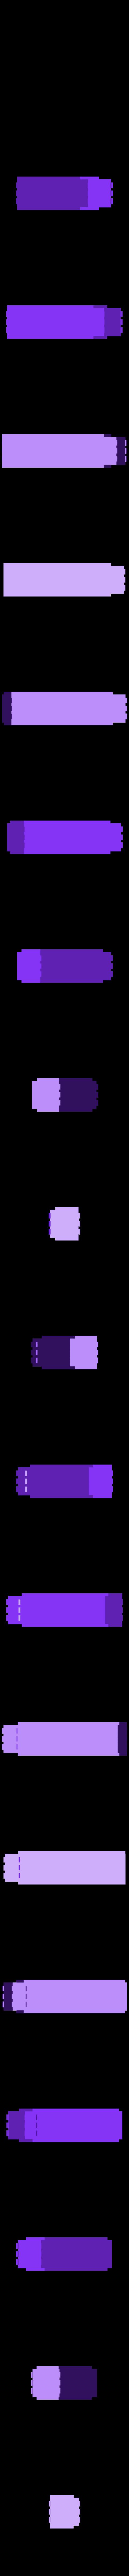 111_S_Wacker.stl Télécharger fichier STL gratuit Mise à jour de Chicago • Plan pour impression 3D, Urukgar4D